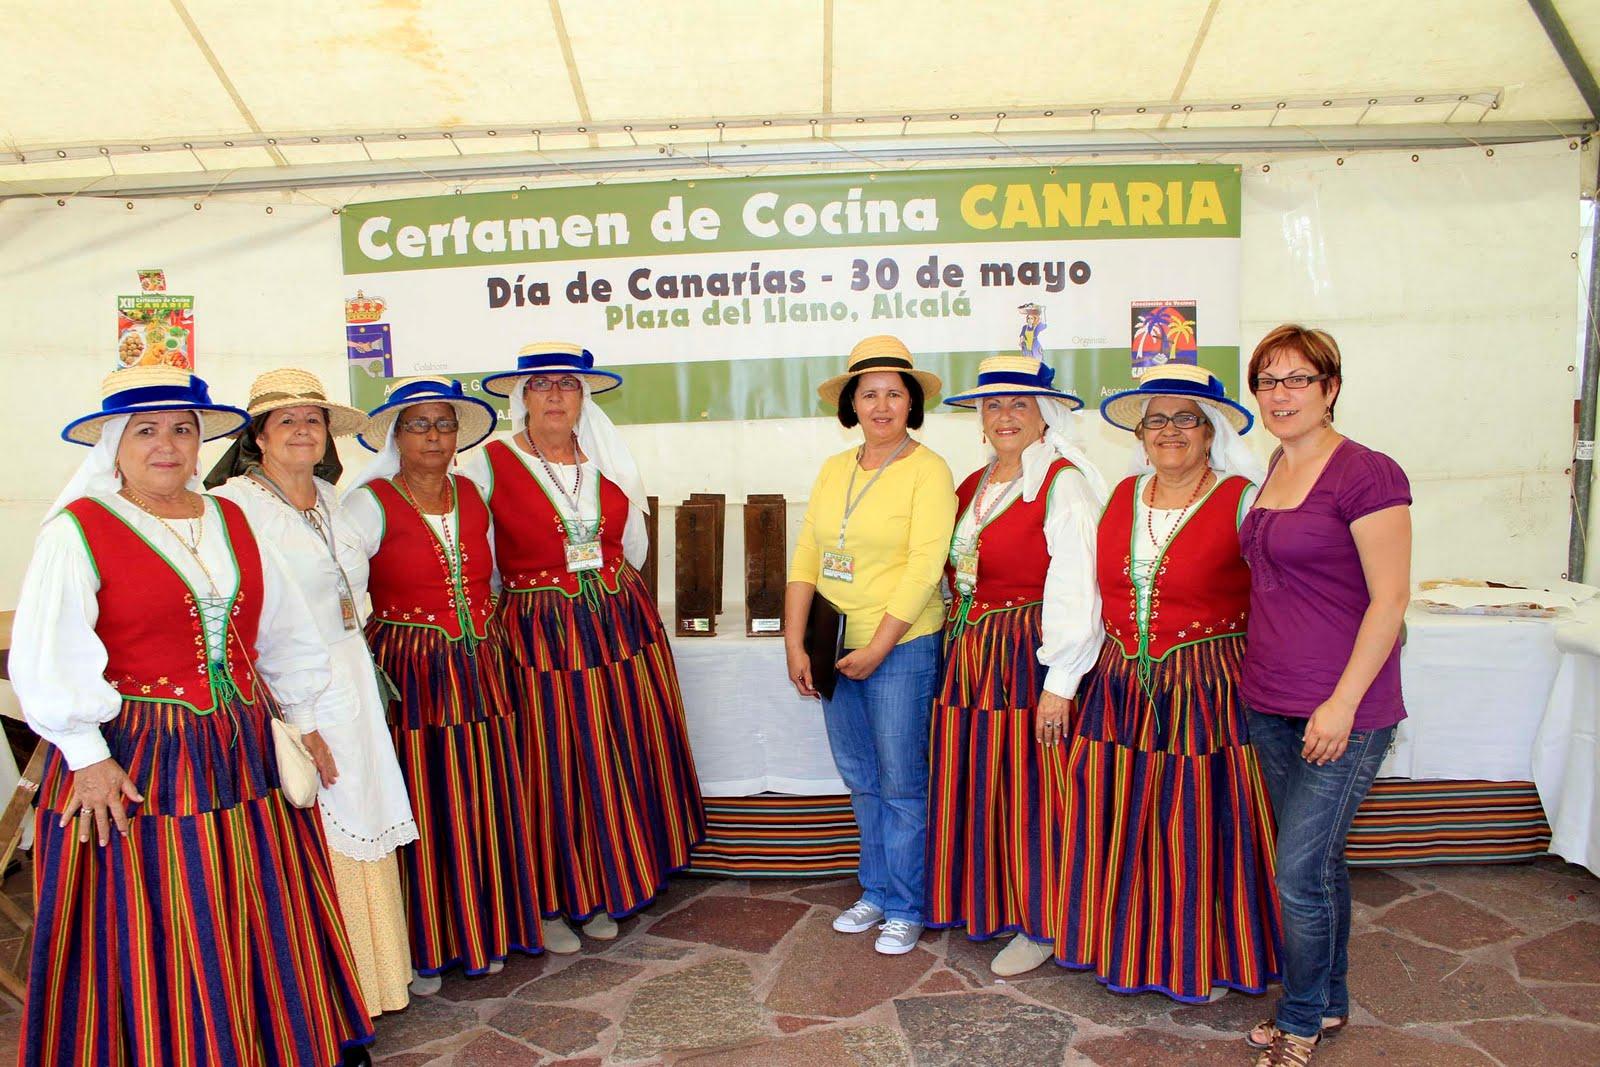 feria artesania canaria 2007: